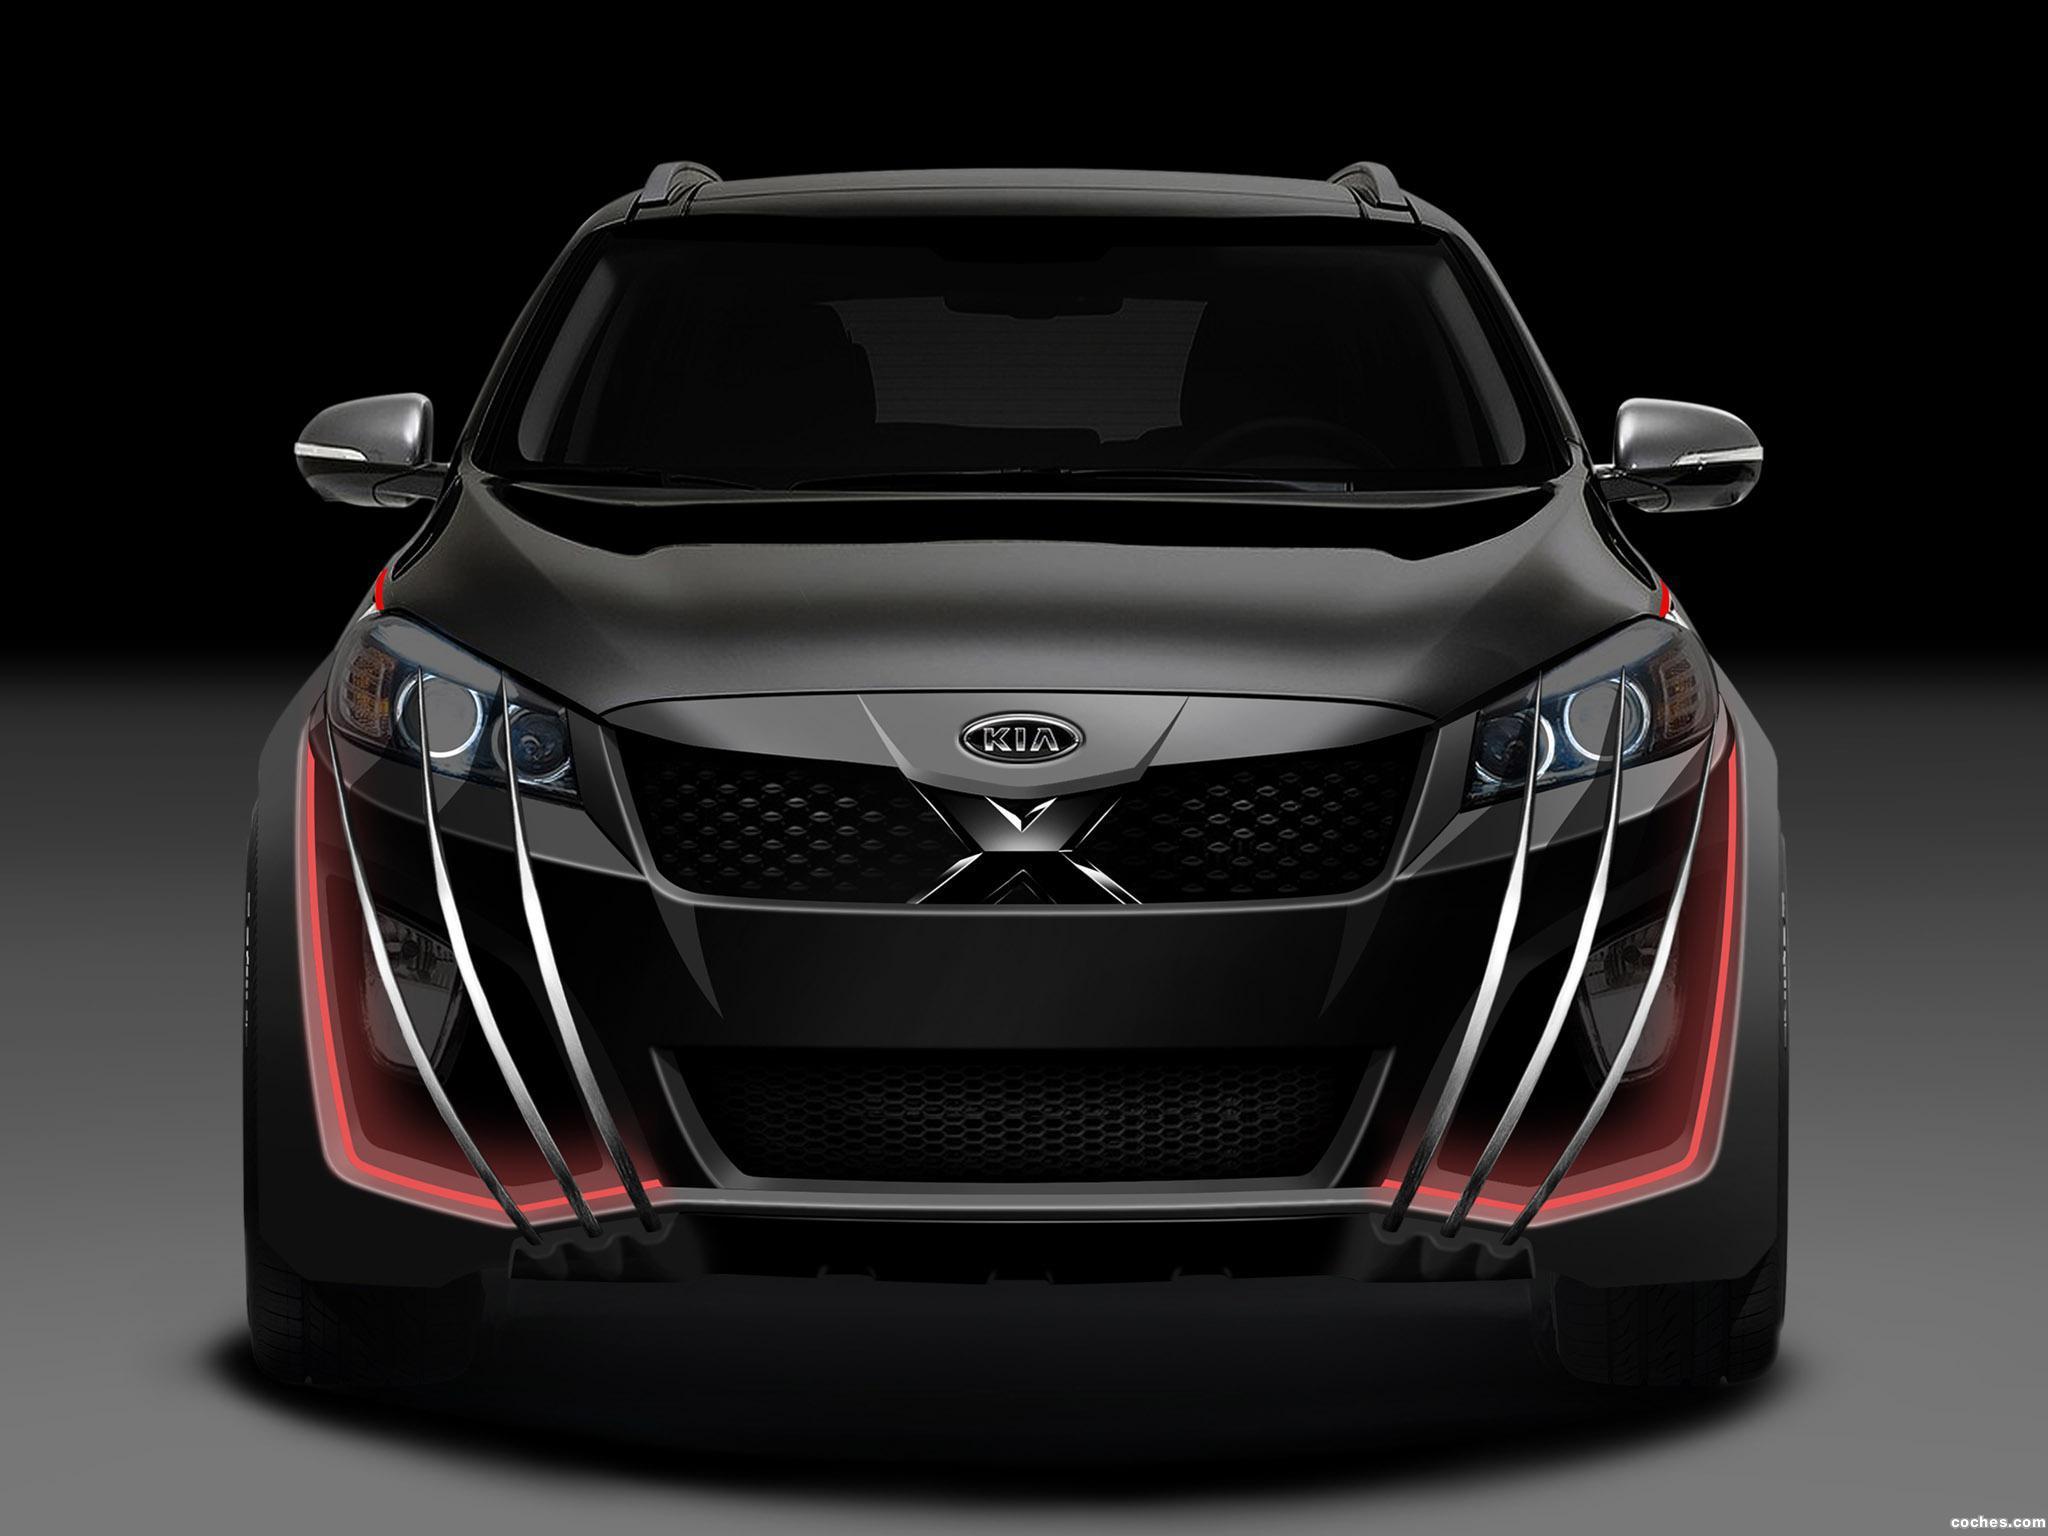 Foto 1 de Kia Sorento X Man Car 2014